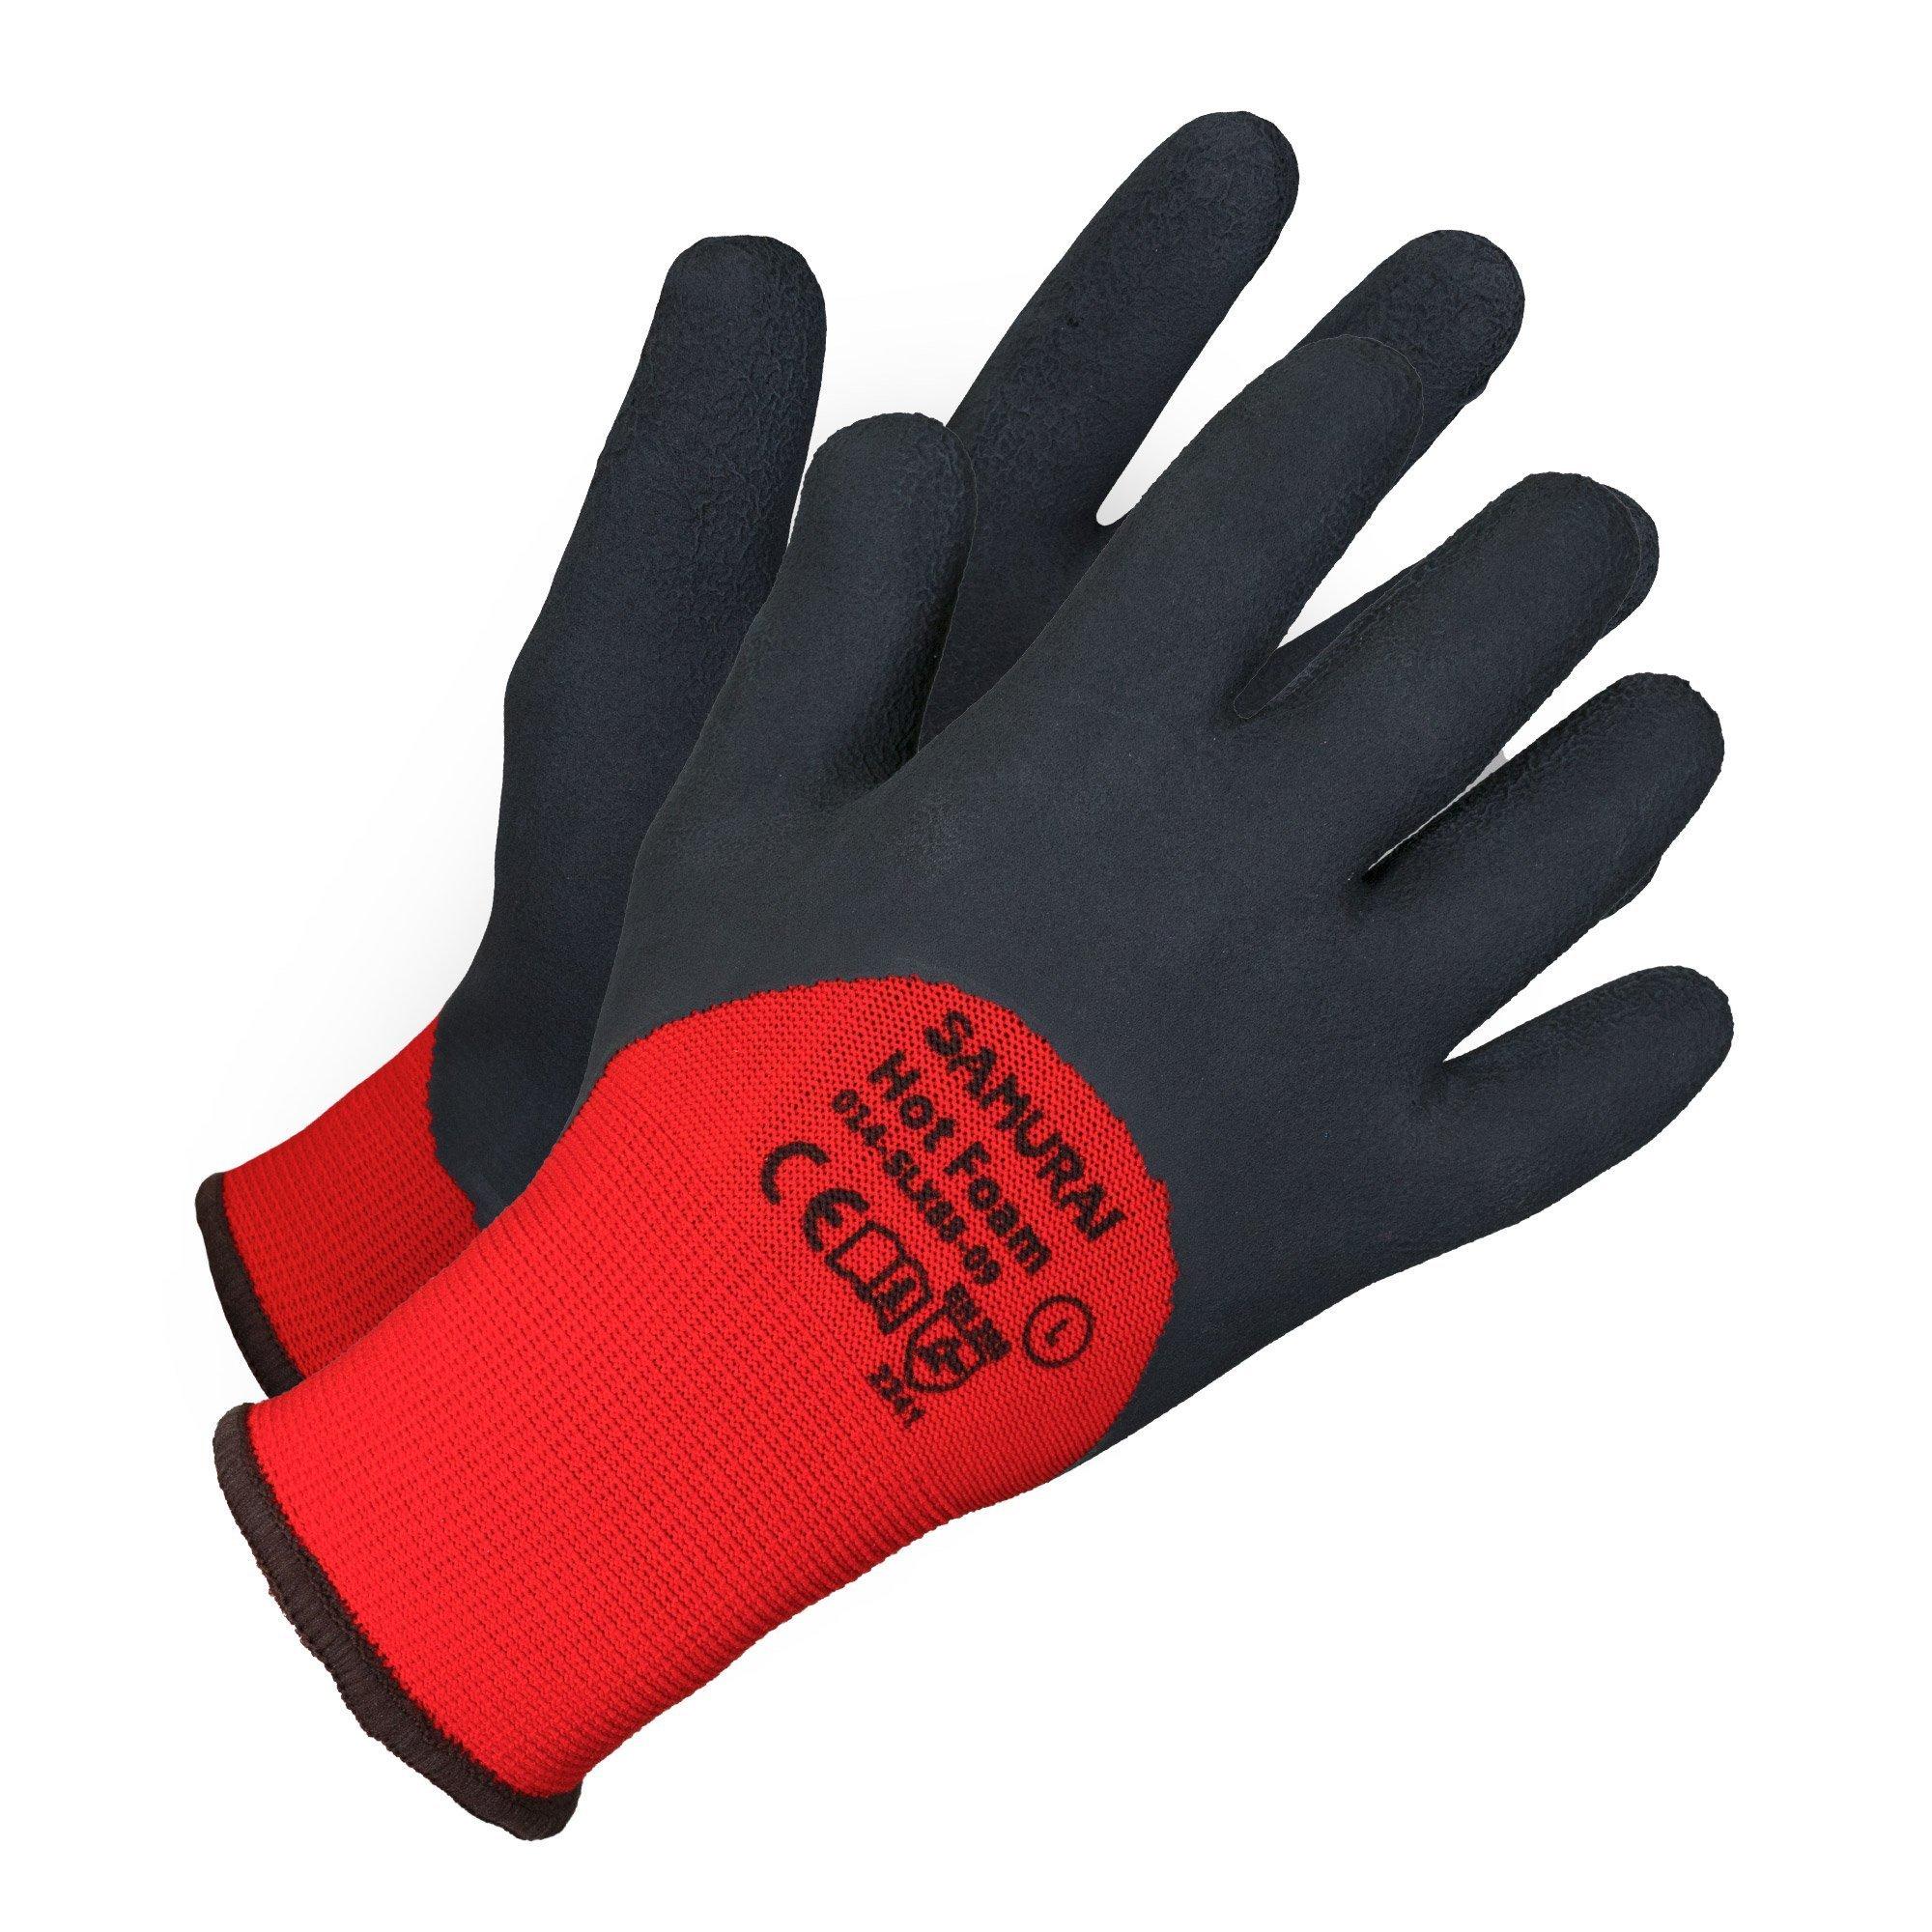 Gloves - Samurai Hot Foam High Dexterity Insulated Work Glove - Red - L